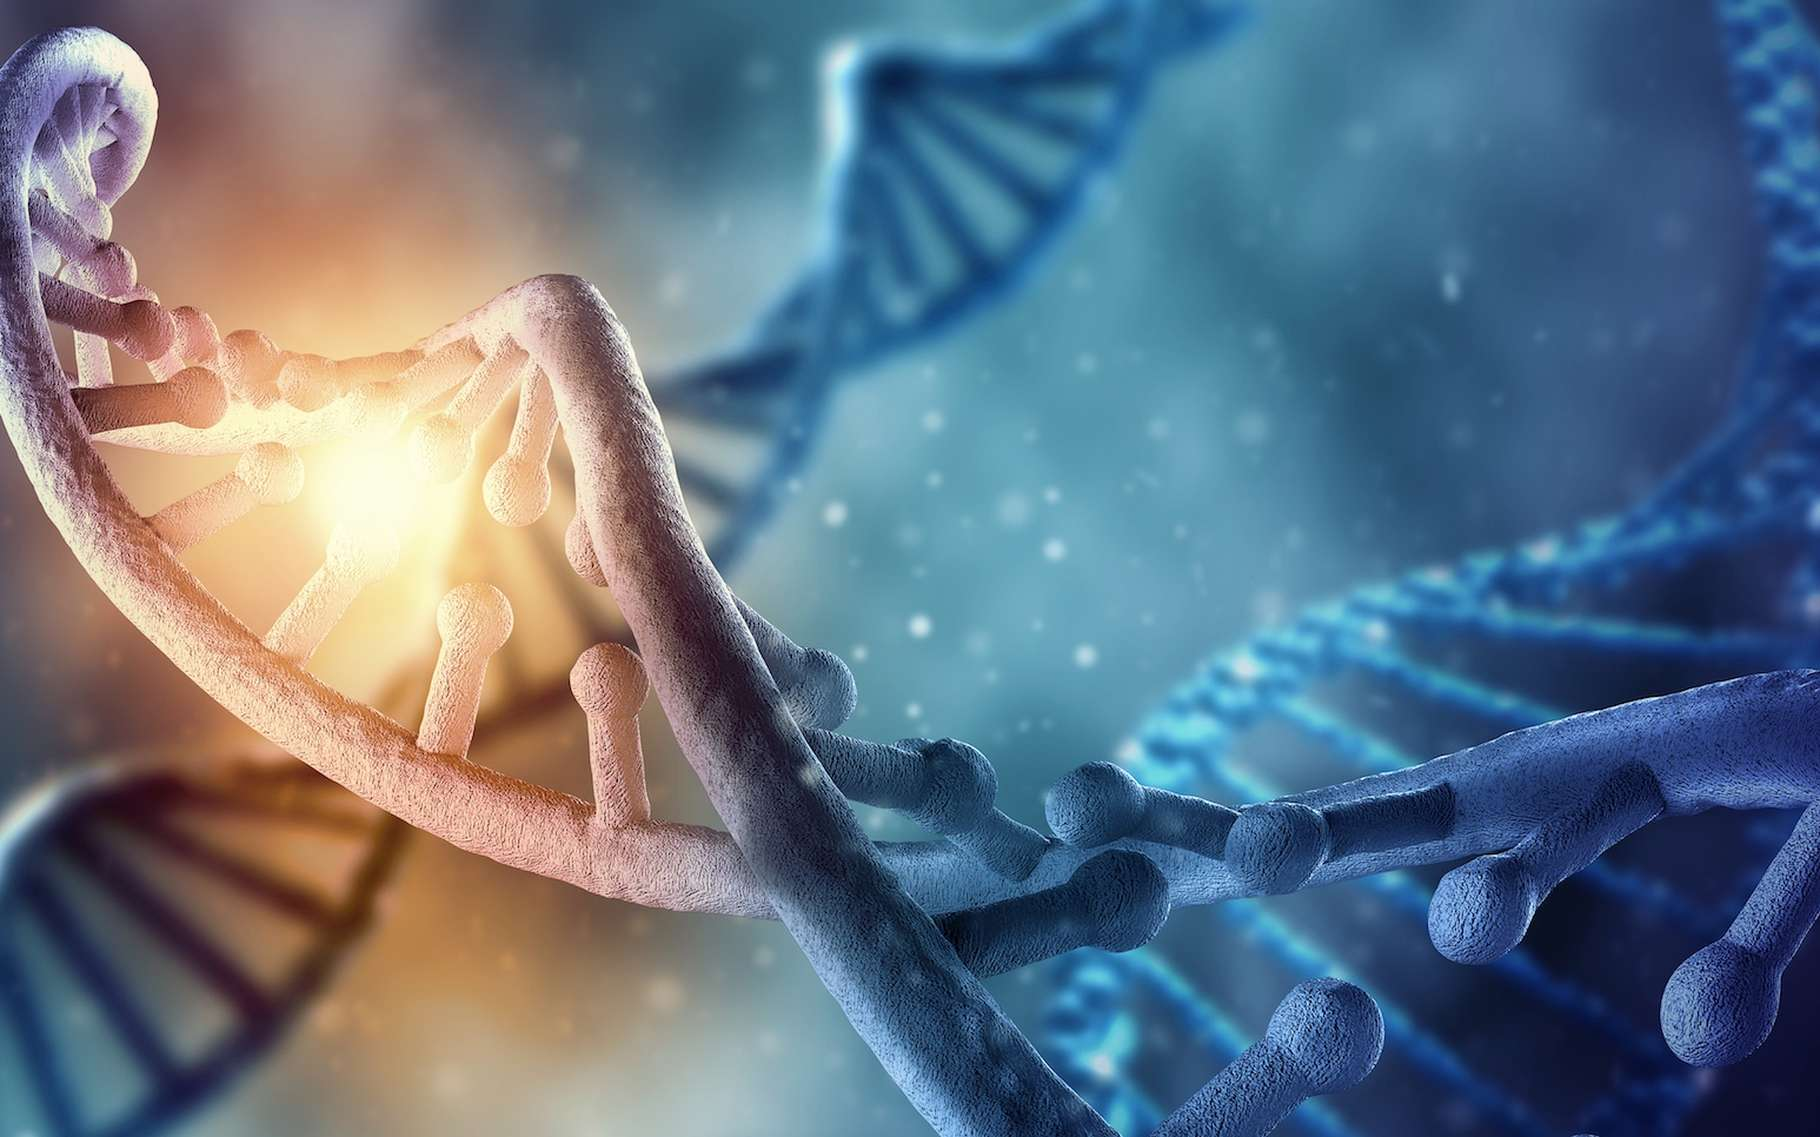 Des chercheurs ont pu observer et comprendre comment fonctionne les « nano-machines » qui détectent et réparent les cassures double brin de l'ADN. © Sergey Nivens, shutterstock.com